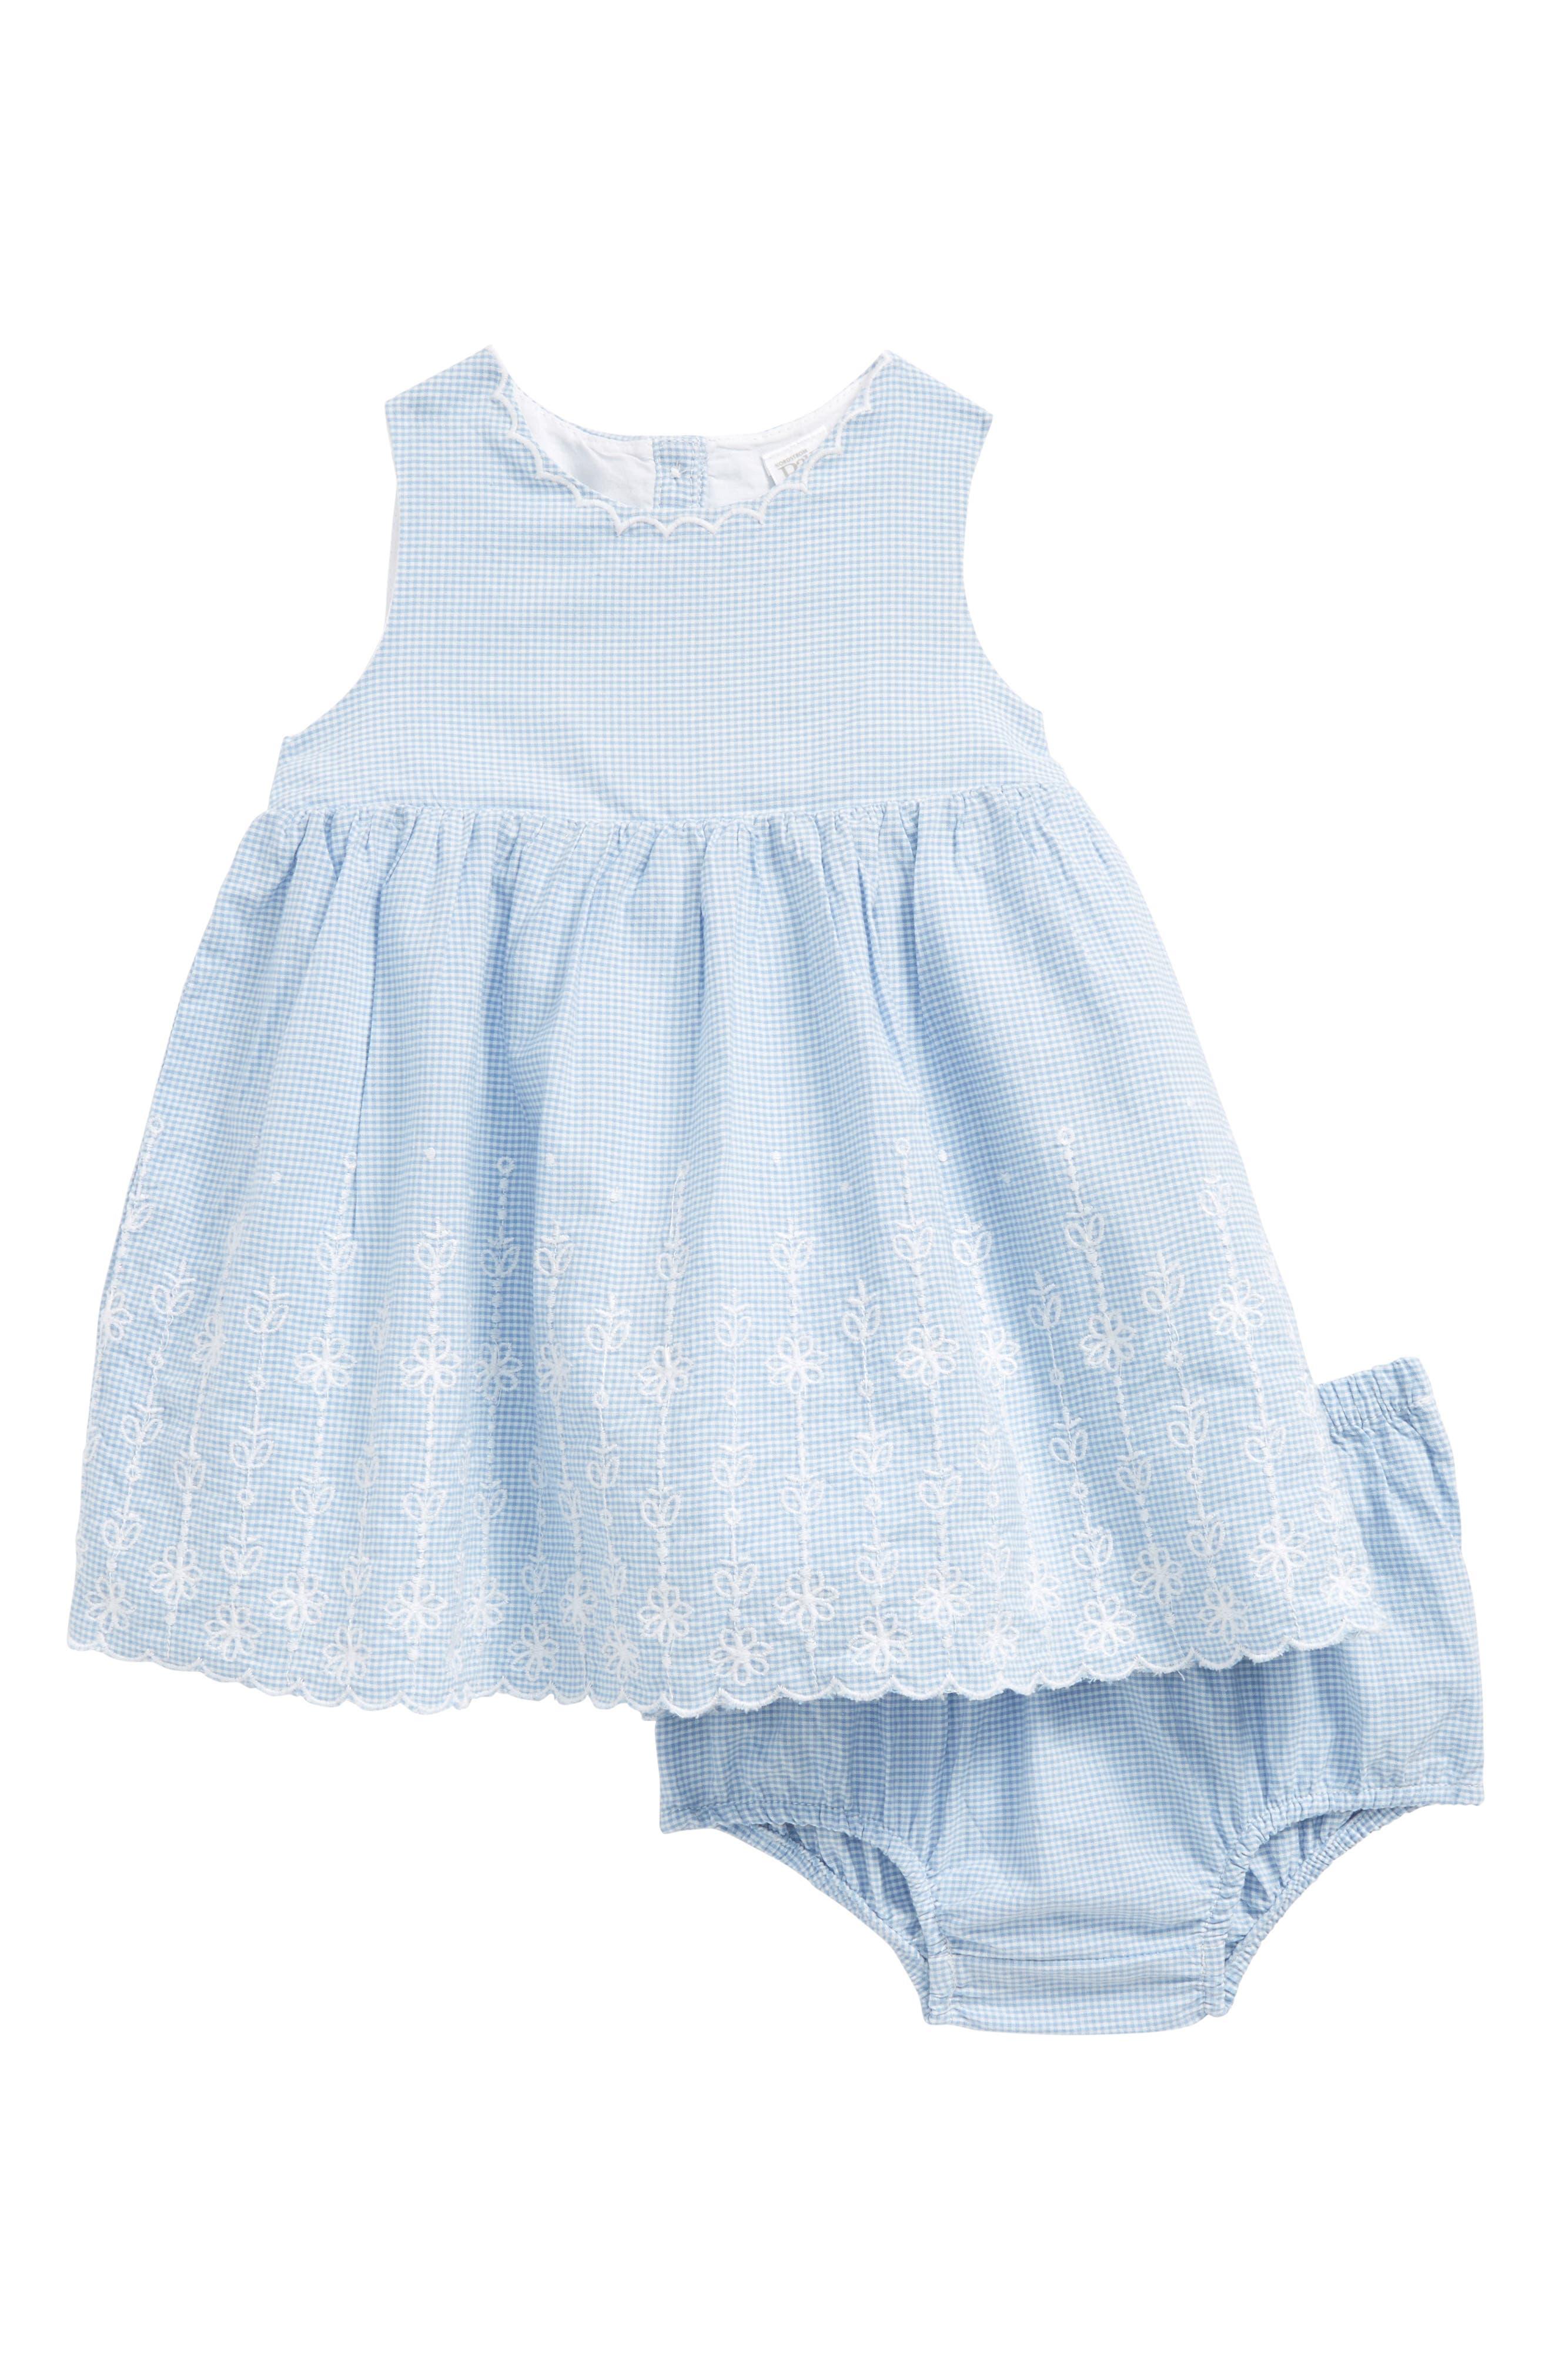 Embroidered Mini Check Dress,                         Main,                         color, White- Blue Mini Check